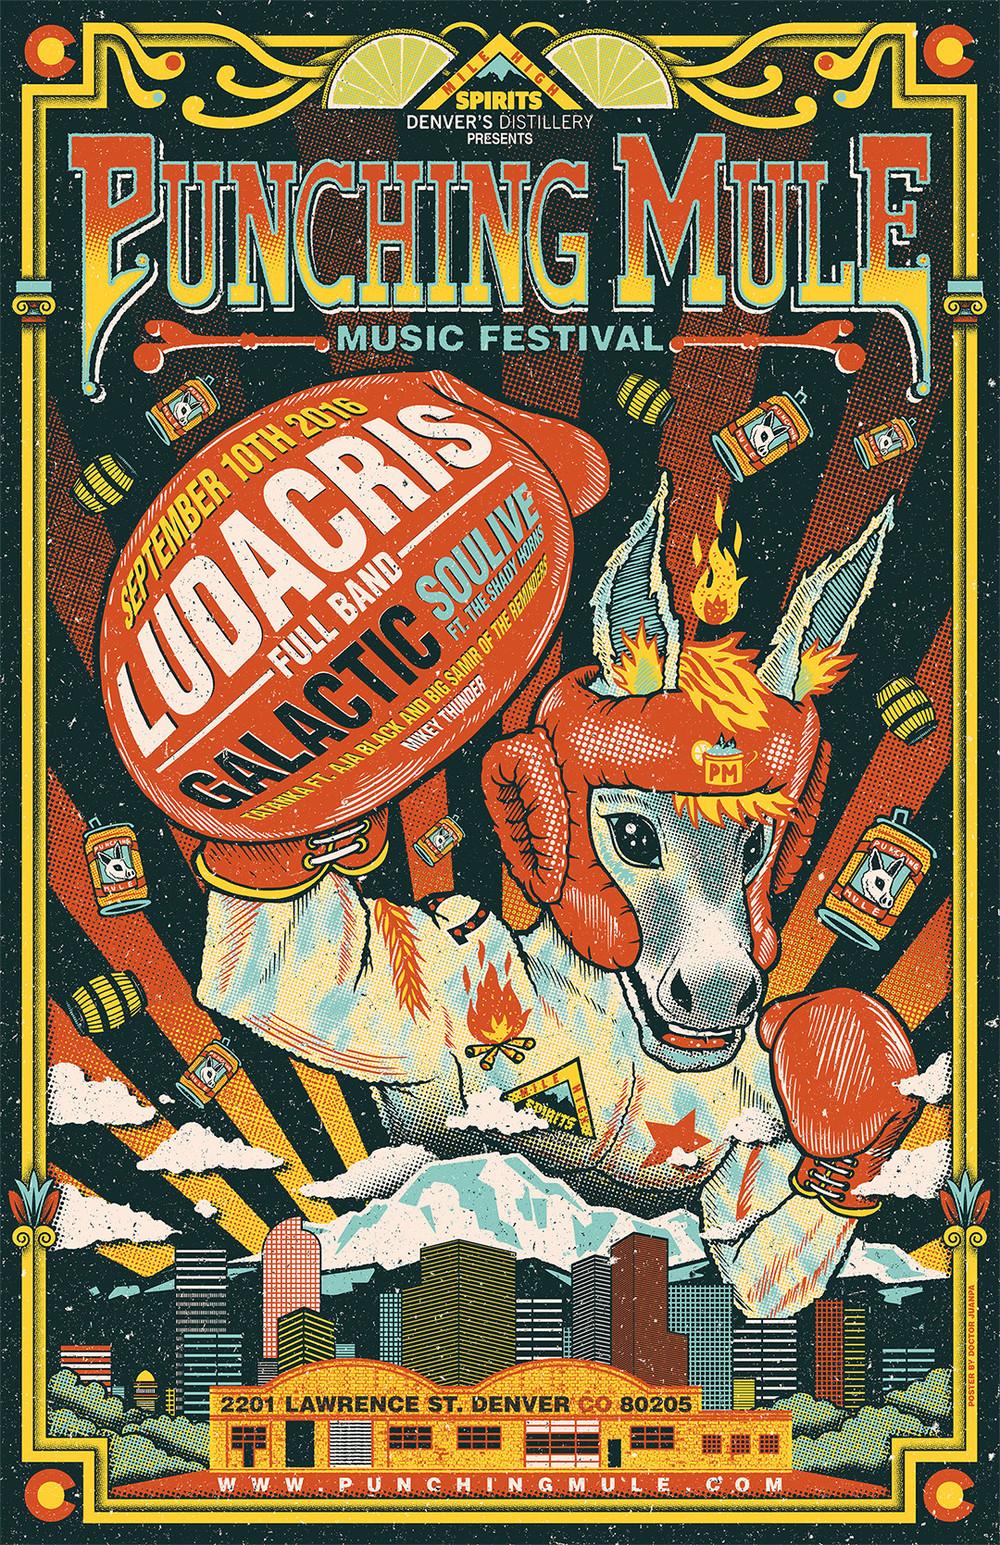 2016-09-10 - Punching Mule (1).jpg